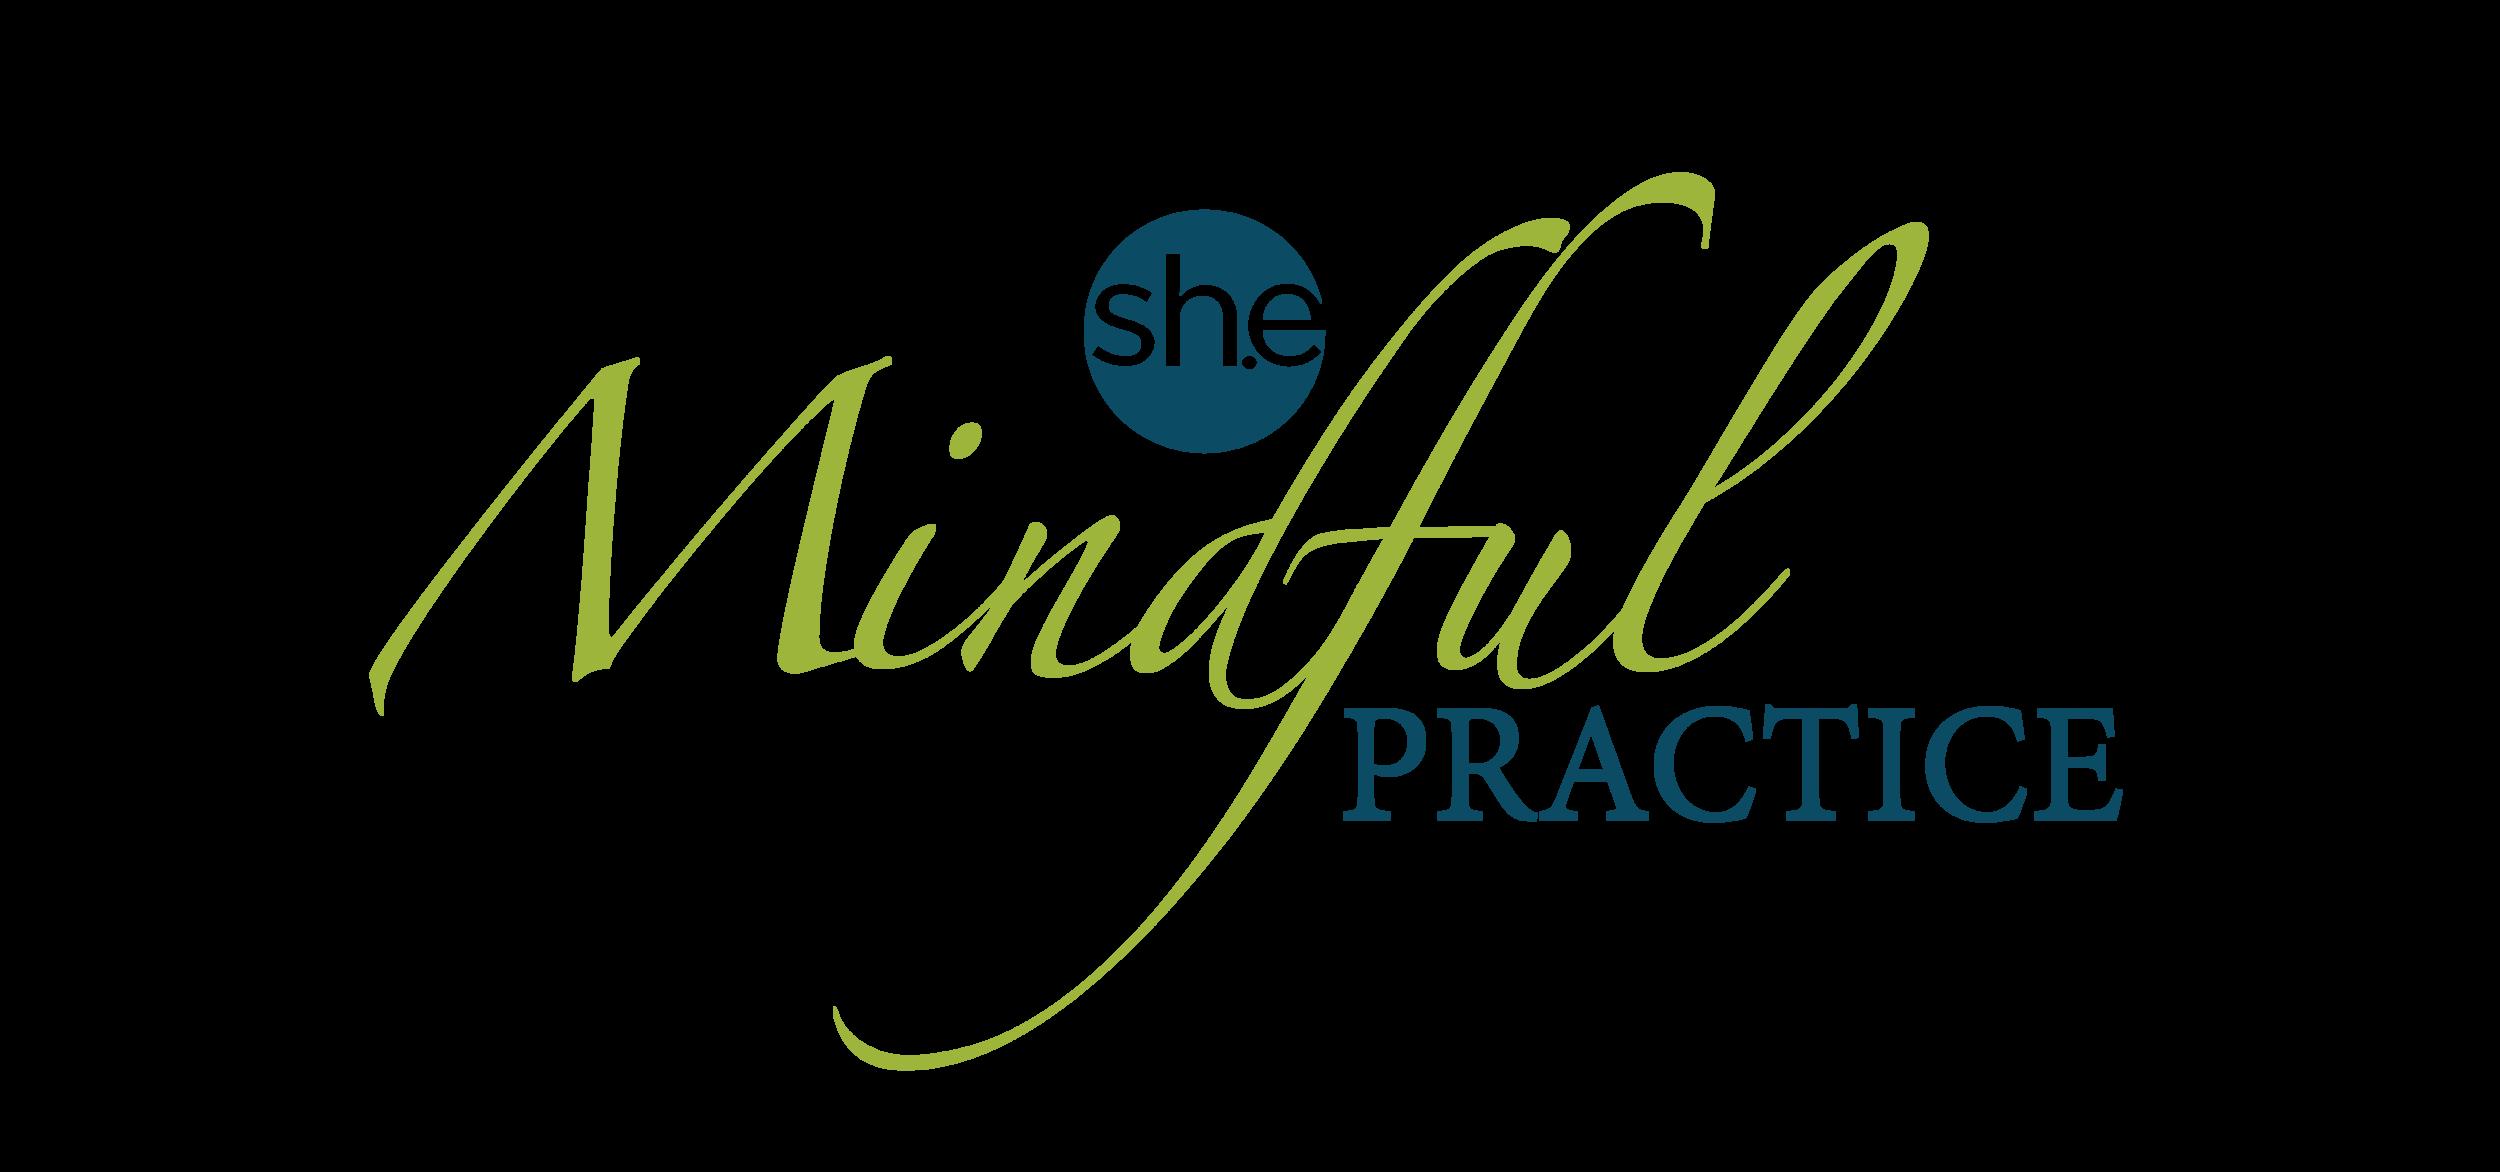 She_MindfulPractice_logo.png